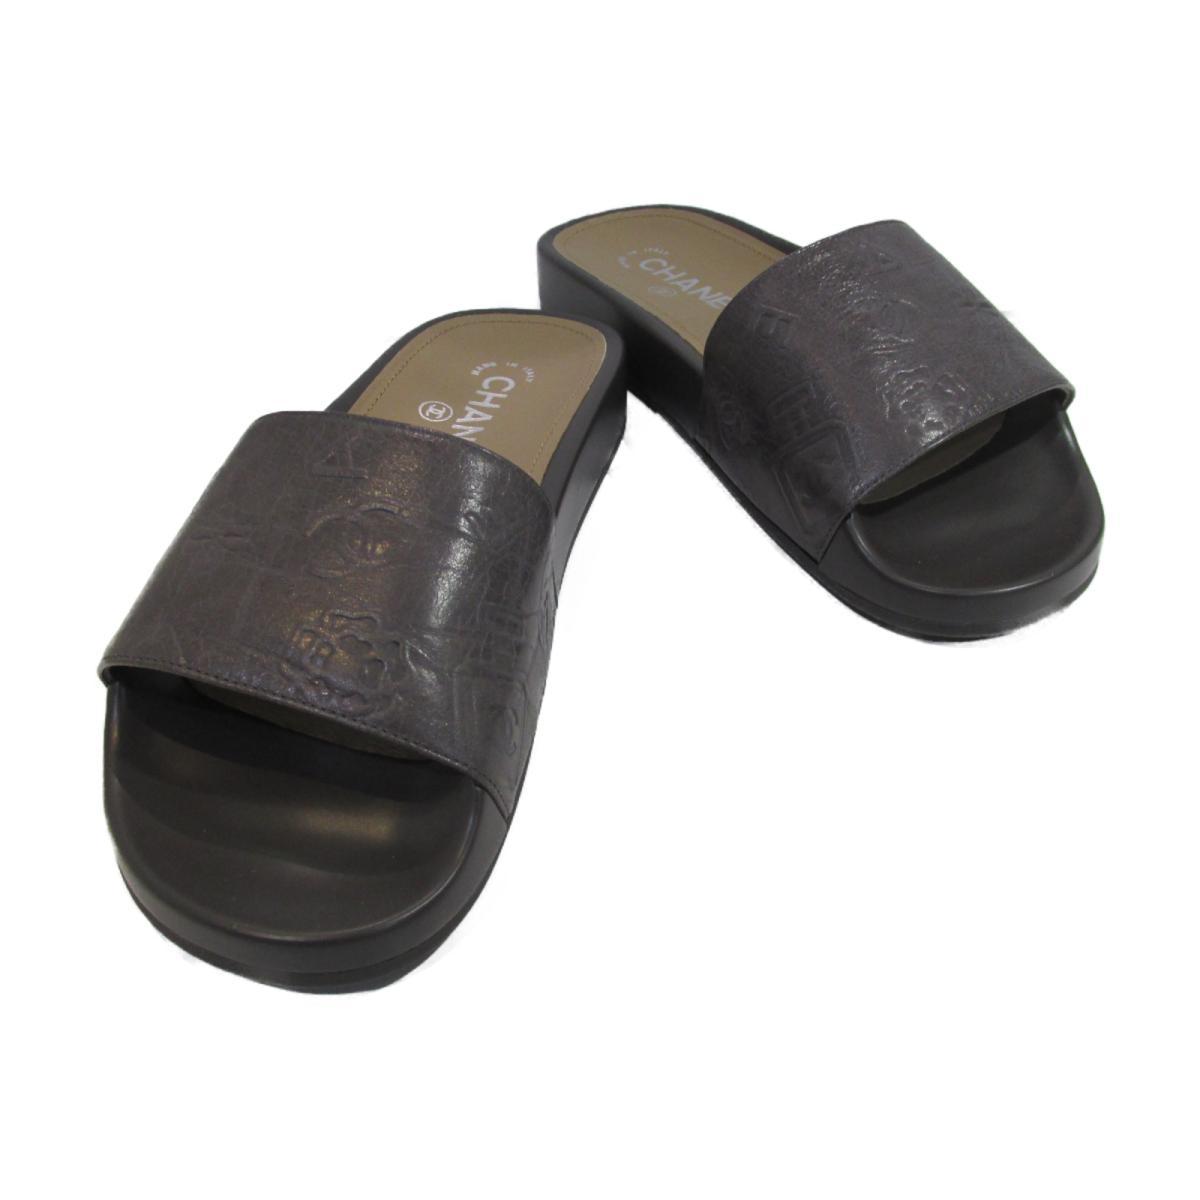 【中古】 シャネル 16P サンダル レディース レザー グレー (G31674X47767)   CHANEL BRANDOFF ブランドオフ ブランド 靴 シューズ クツ